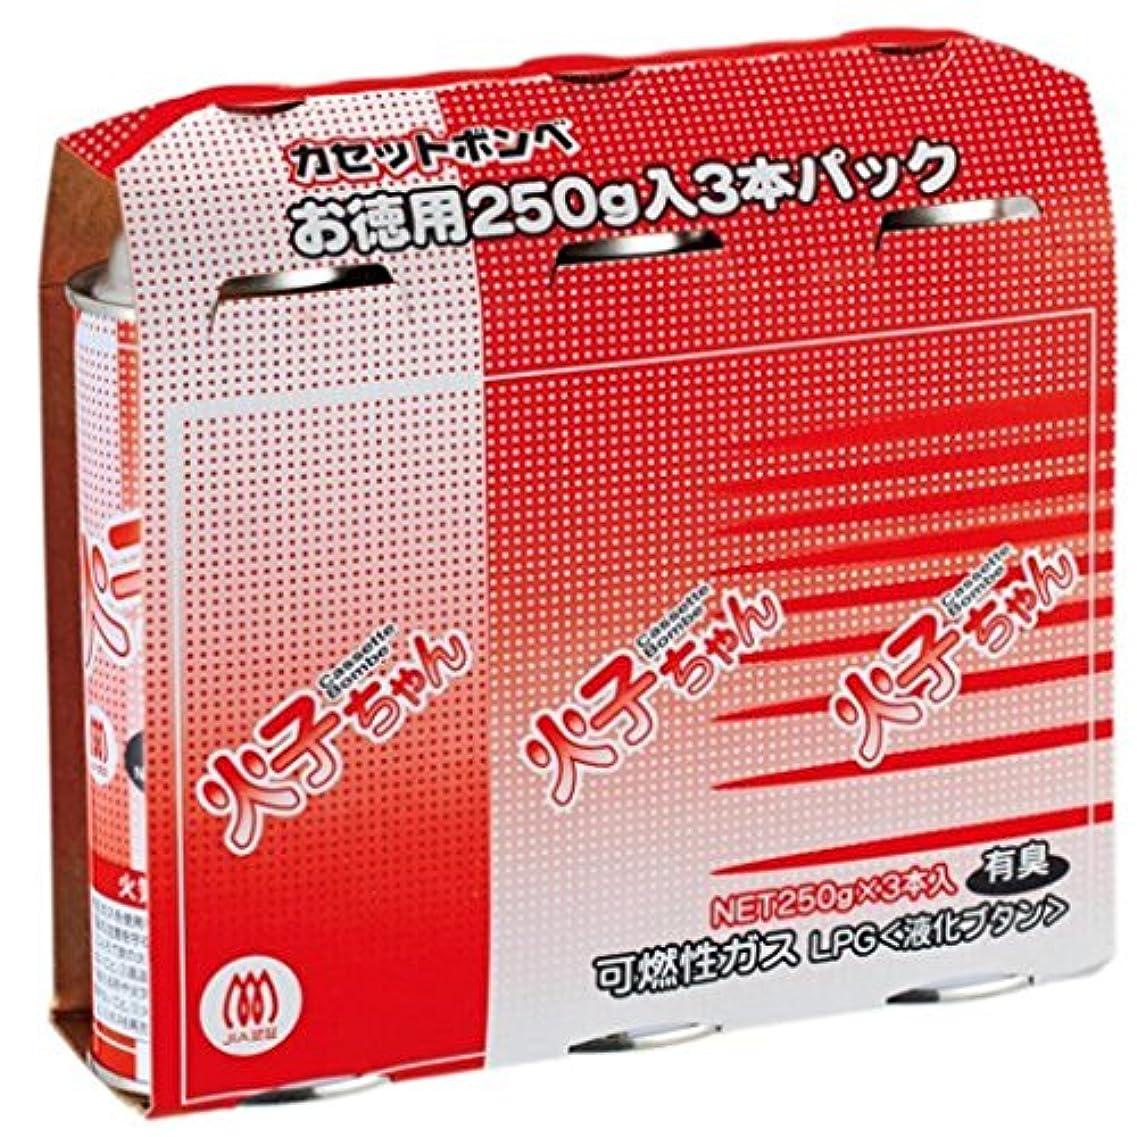 トン合わせて料理(まとめ買い)TTS カセットボンベ 火子ちゃん 3本入 【×8セット】